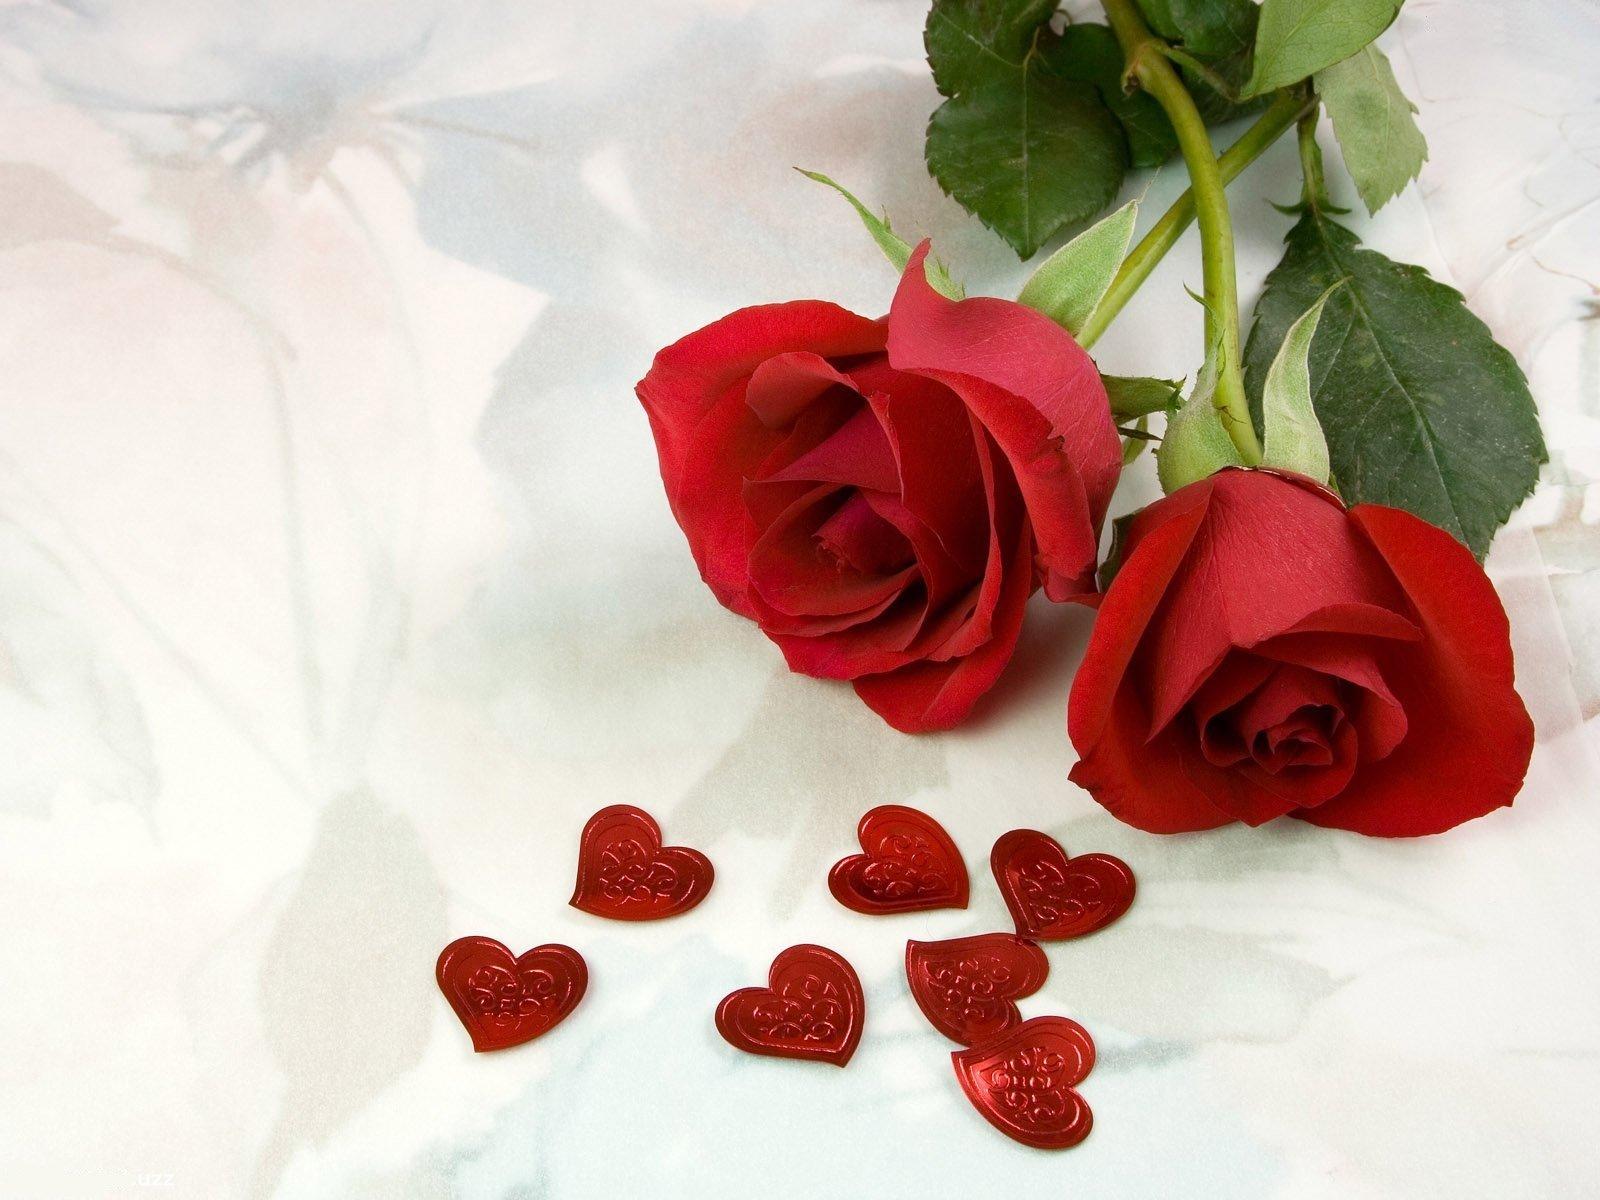 los miembros del gnero cuya variedad es tan extensa que comprende desde rosales miniatura de 10 15 cm de altura hasta grandes arbustos trepadore - Fotos De Rosas Rojas Grandes